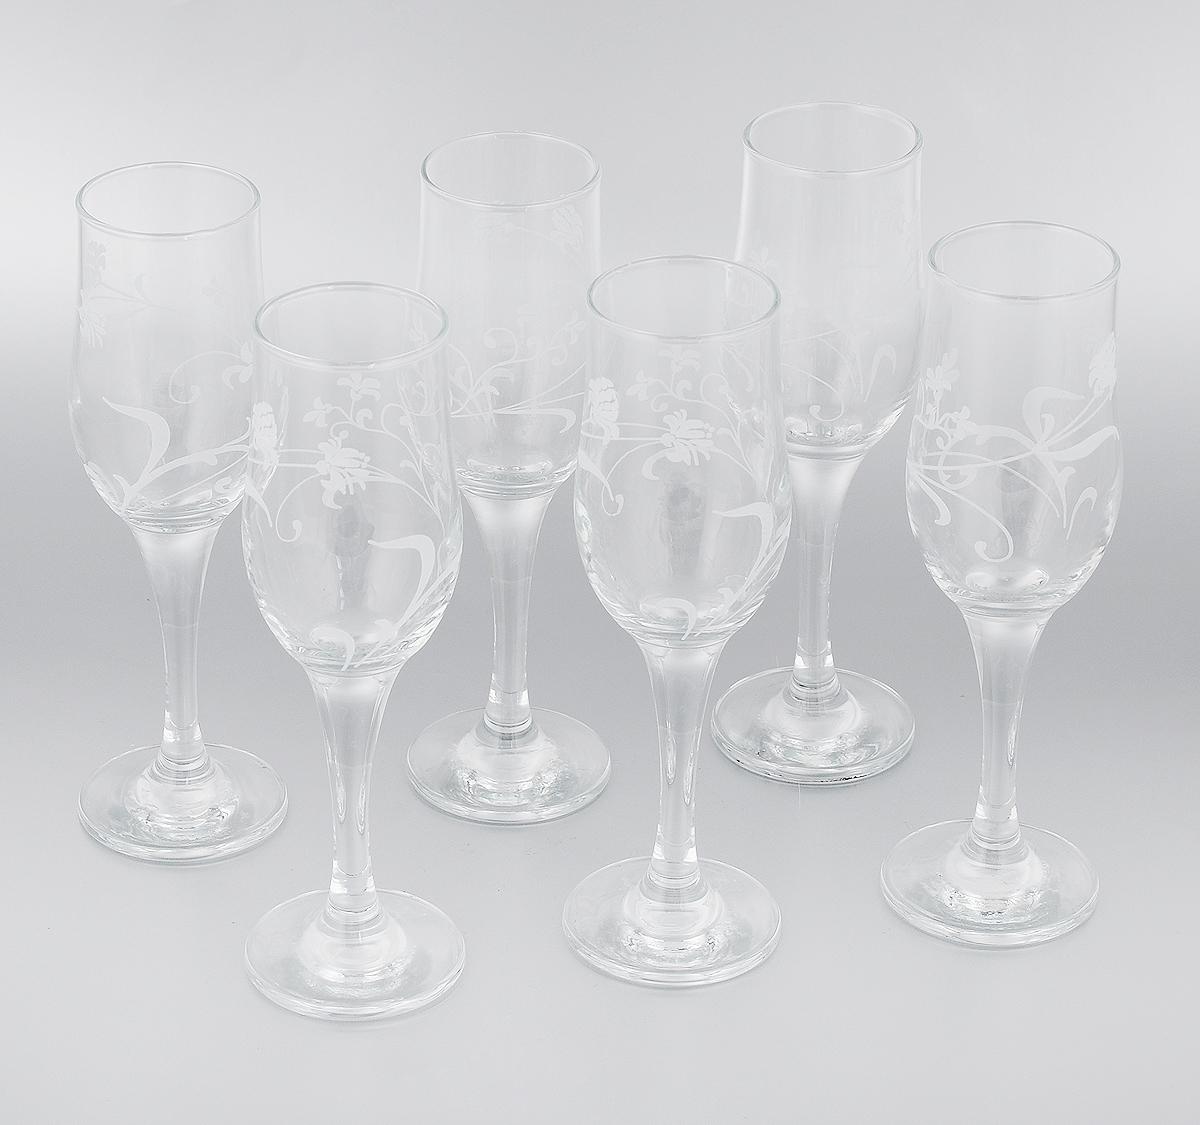 Набор фужеров для шампанского Мусатов Флер, 200 мл, 6 шт160/07Набор Мусатов Флер состоит из шести классических фужеров, выполненных из прочного стекла. Изделия сочетают в себе элегантный дизайн и функциональность. Набор фужеров Мусатов Флер прекрасно оформит праздничный стол и создаст приятную атмосферу за романтическим ужином. Такой набор также станет хорошим подарком к любому случаю. Можно мыть в посудомоечной машине. Диаметр фужера (по верхнему краю): 5 см. Диаметр основания фужера: 6,5 см. Высота фужера: 20,5 см.